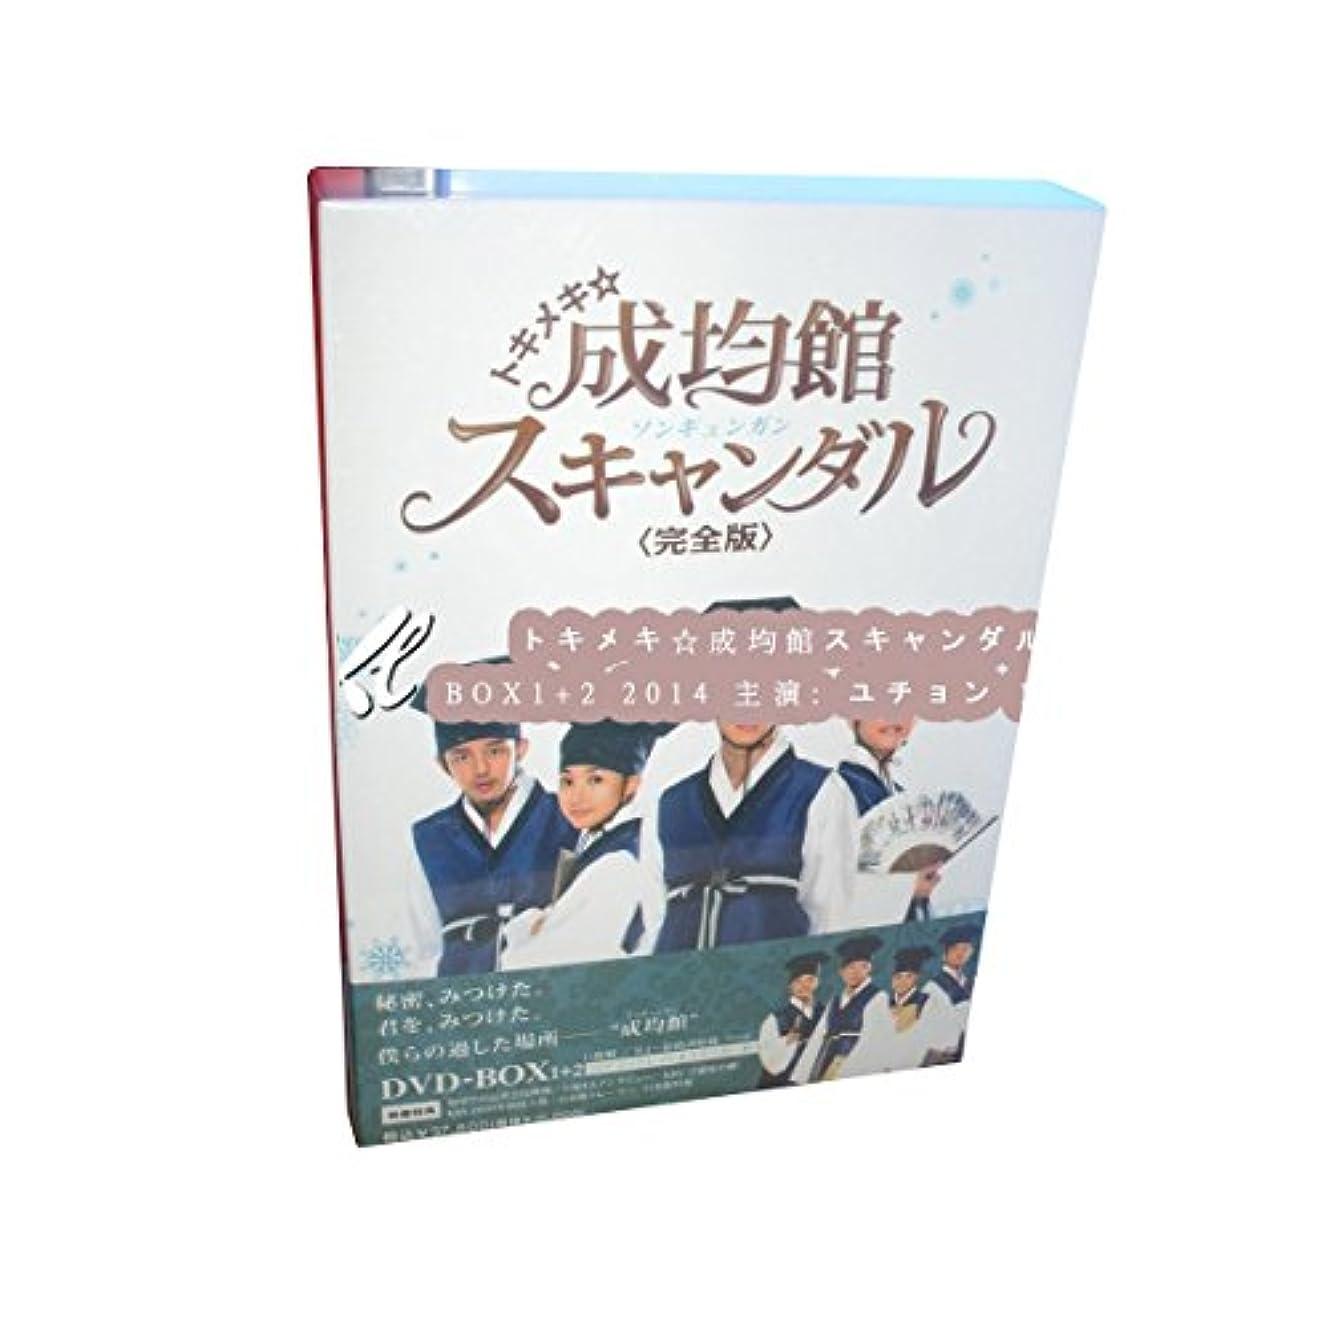 適応する上陸散歩トキメキ☆成均館スキャンダル BOX1+2 2014 主演: ユチョン